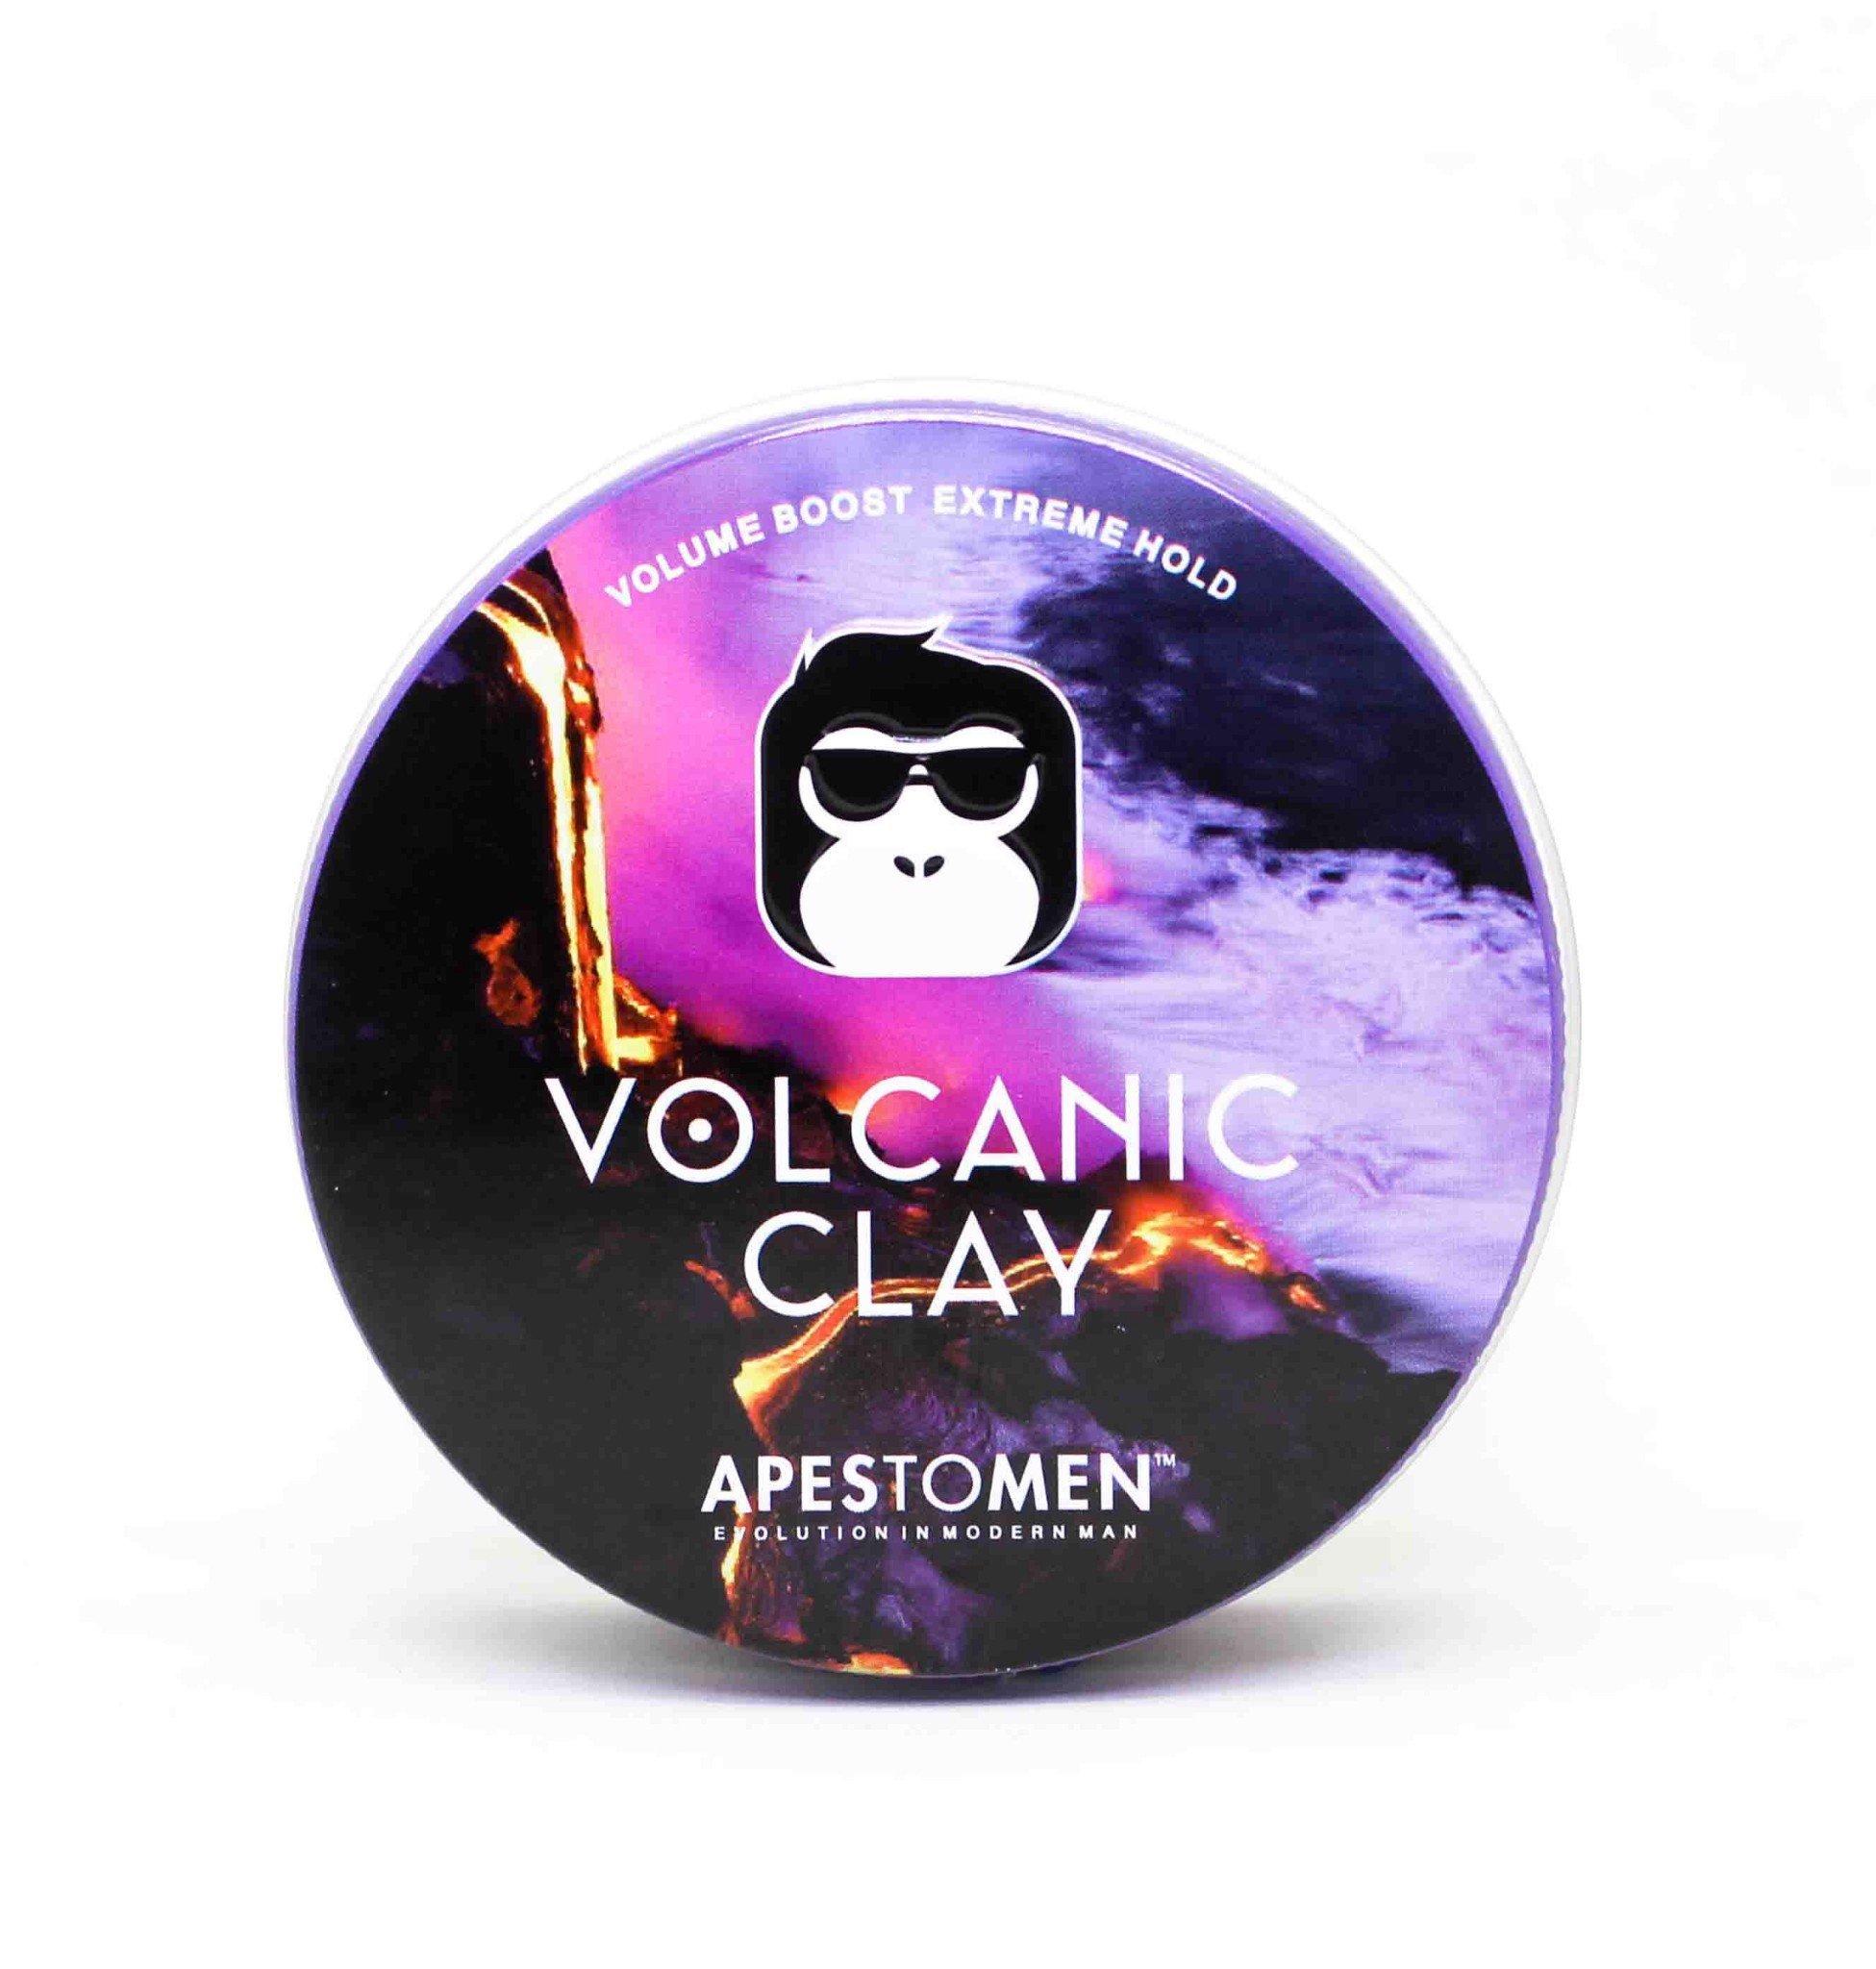 Kết quả hình ảnh cho apestomen volcanic clay